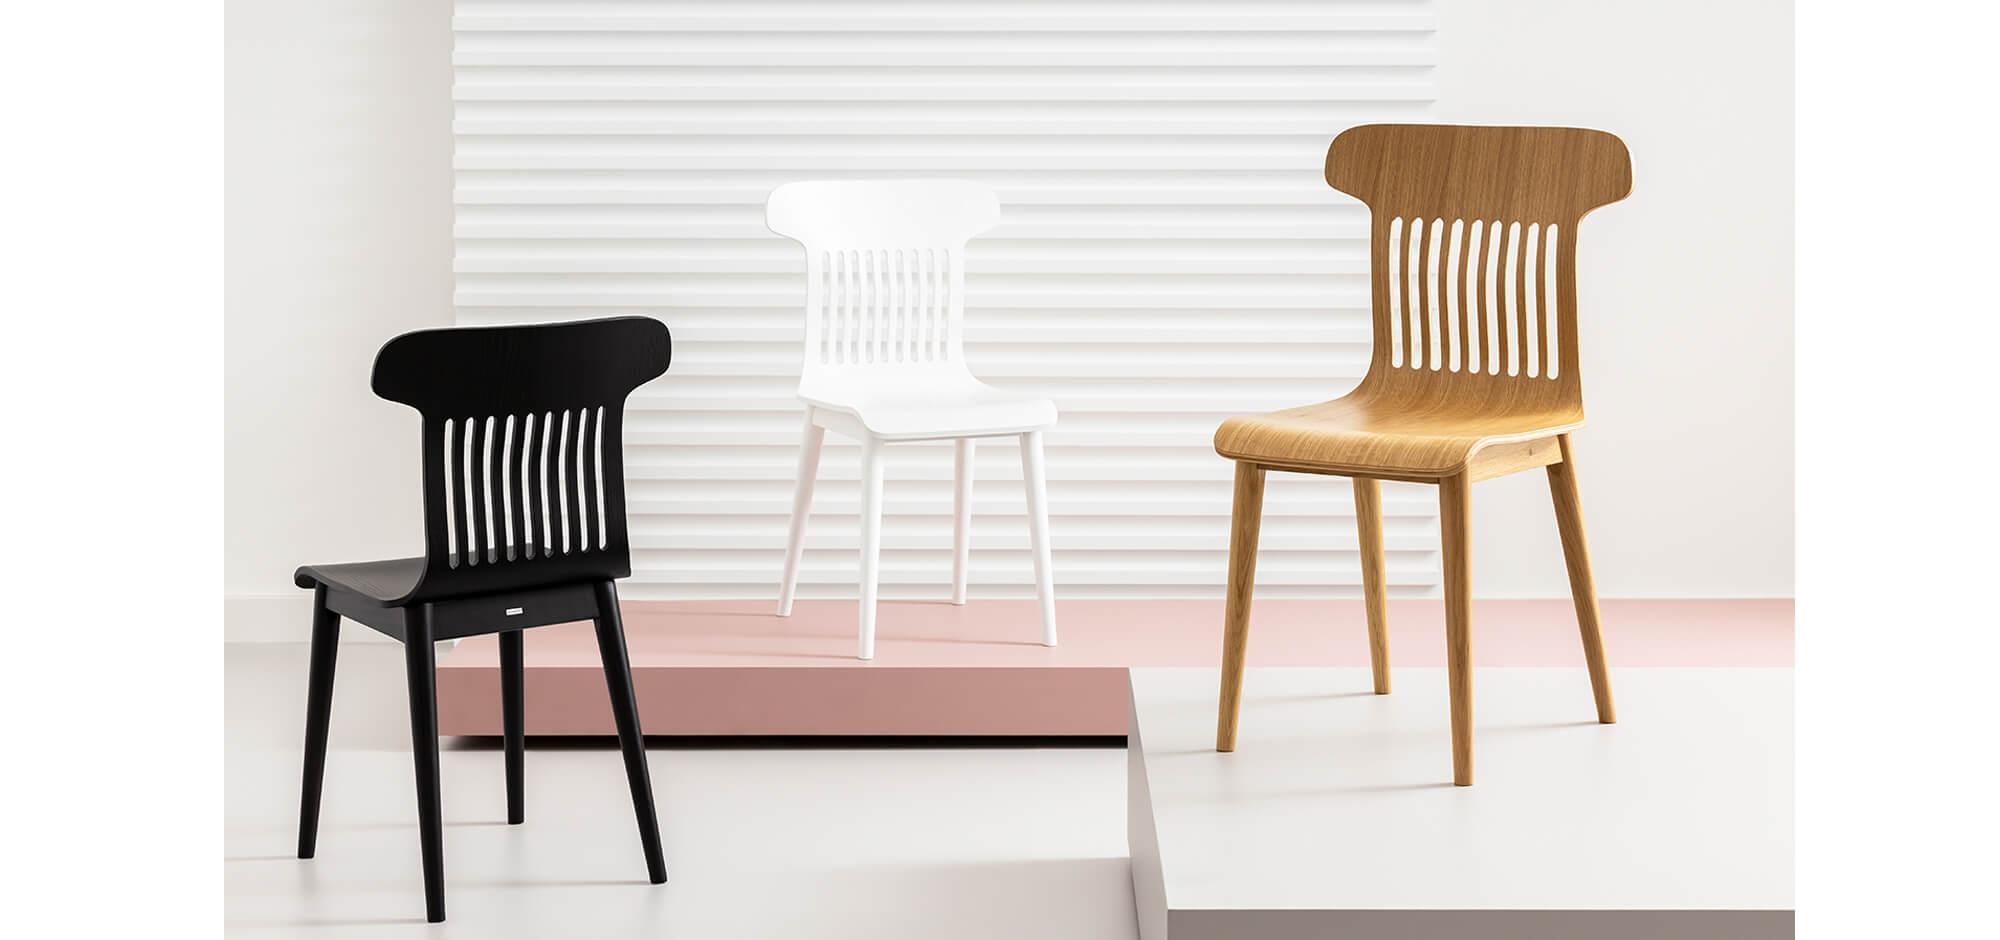 krzesło dębowe nowoczesne skandynawskie